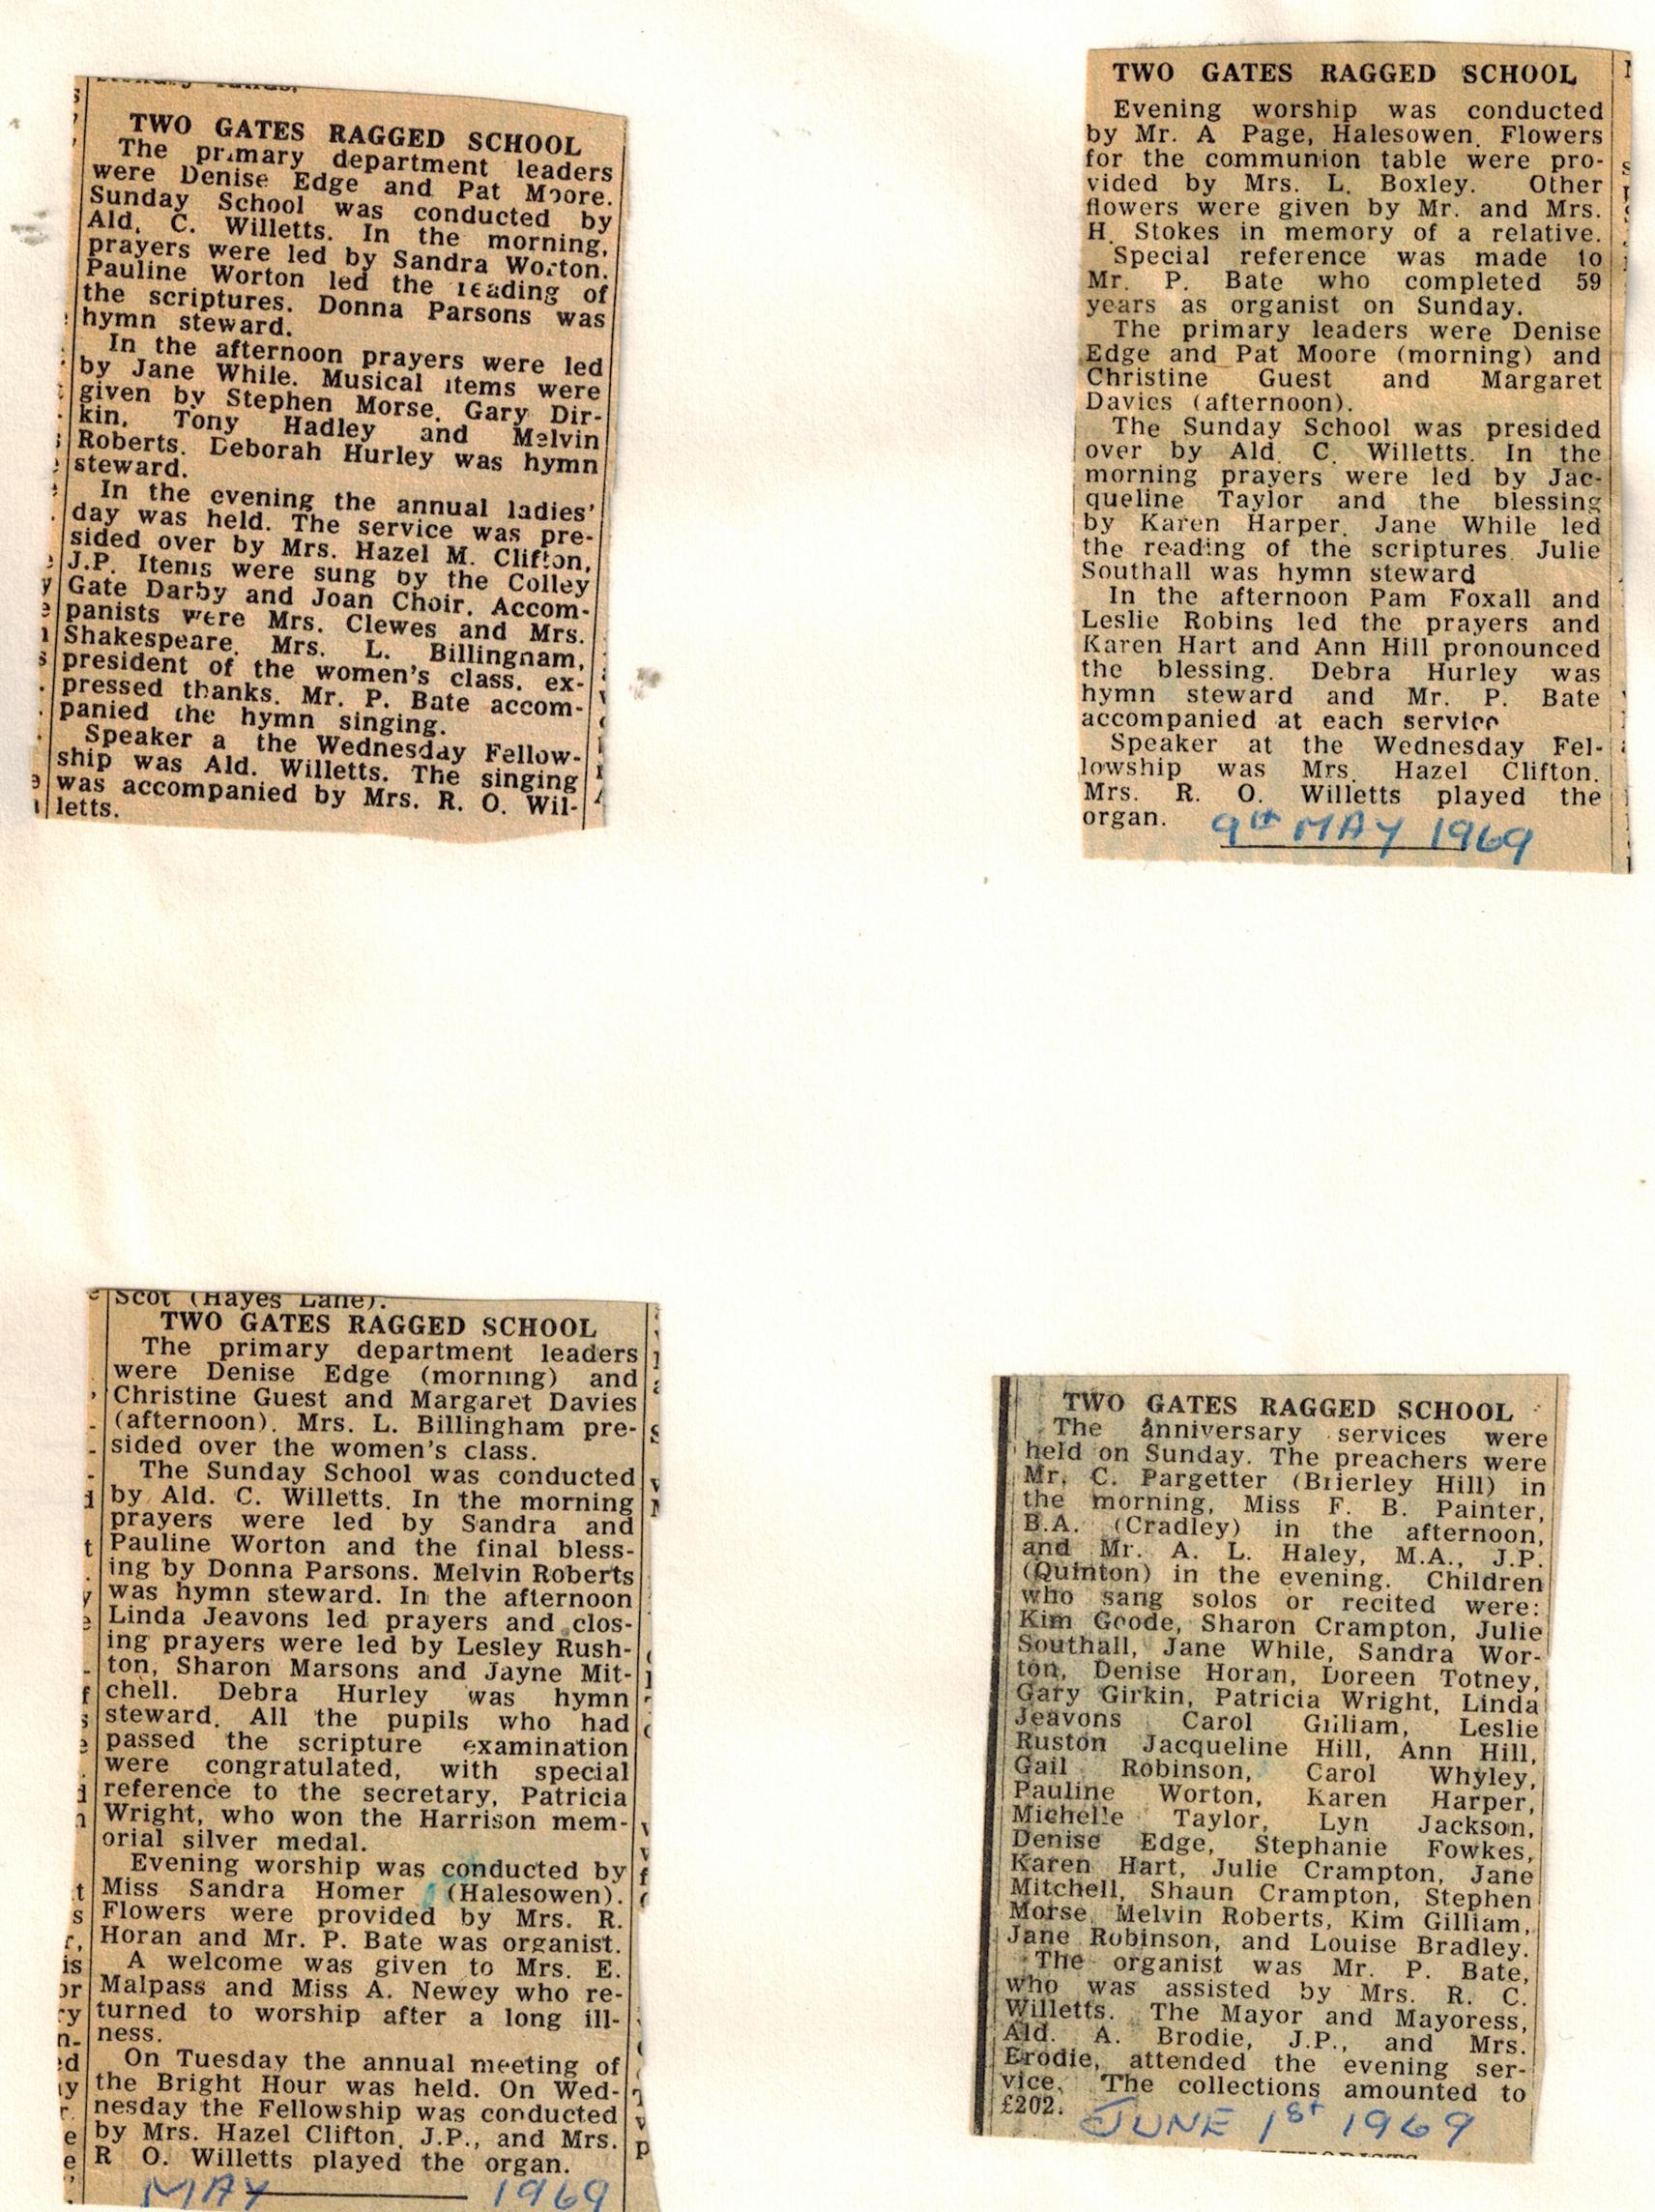 O026_PRESS_cuttings [1970_06-12]